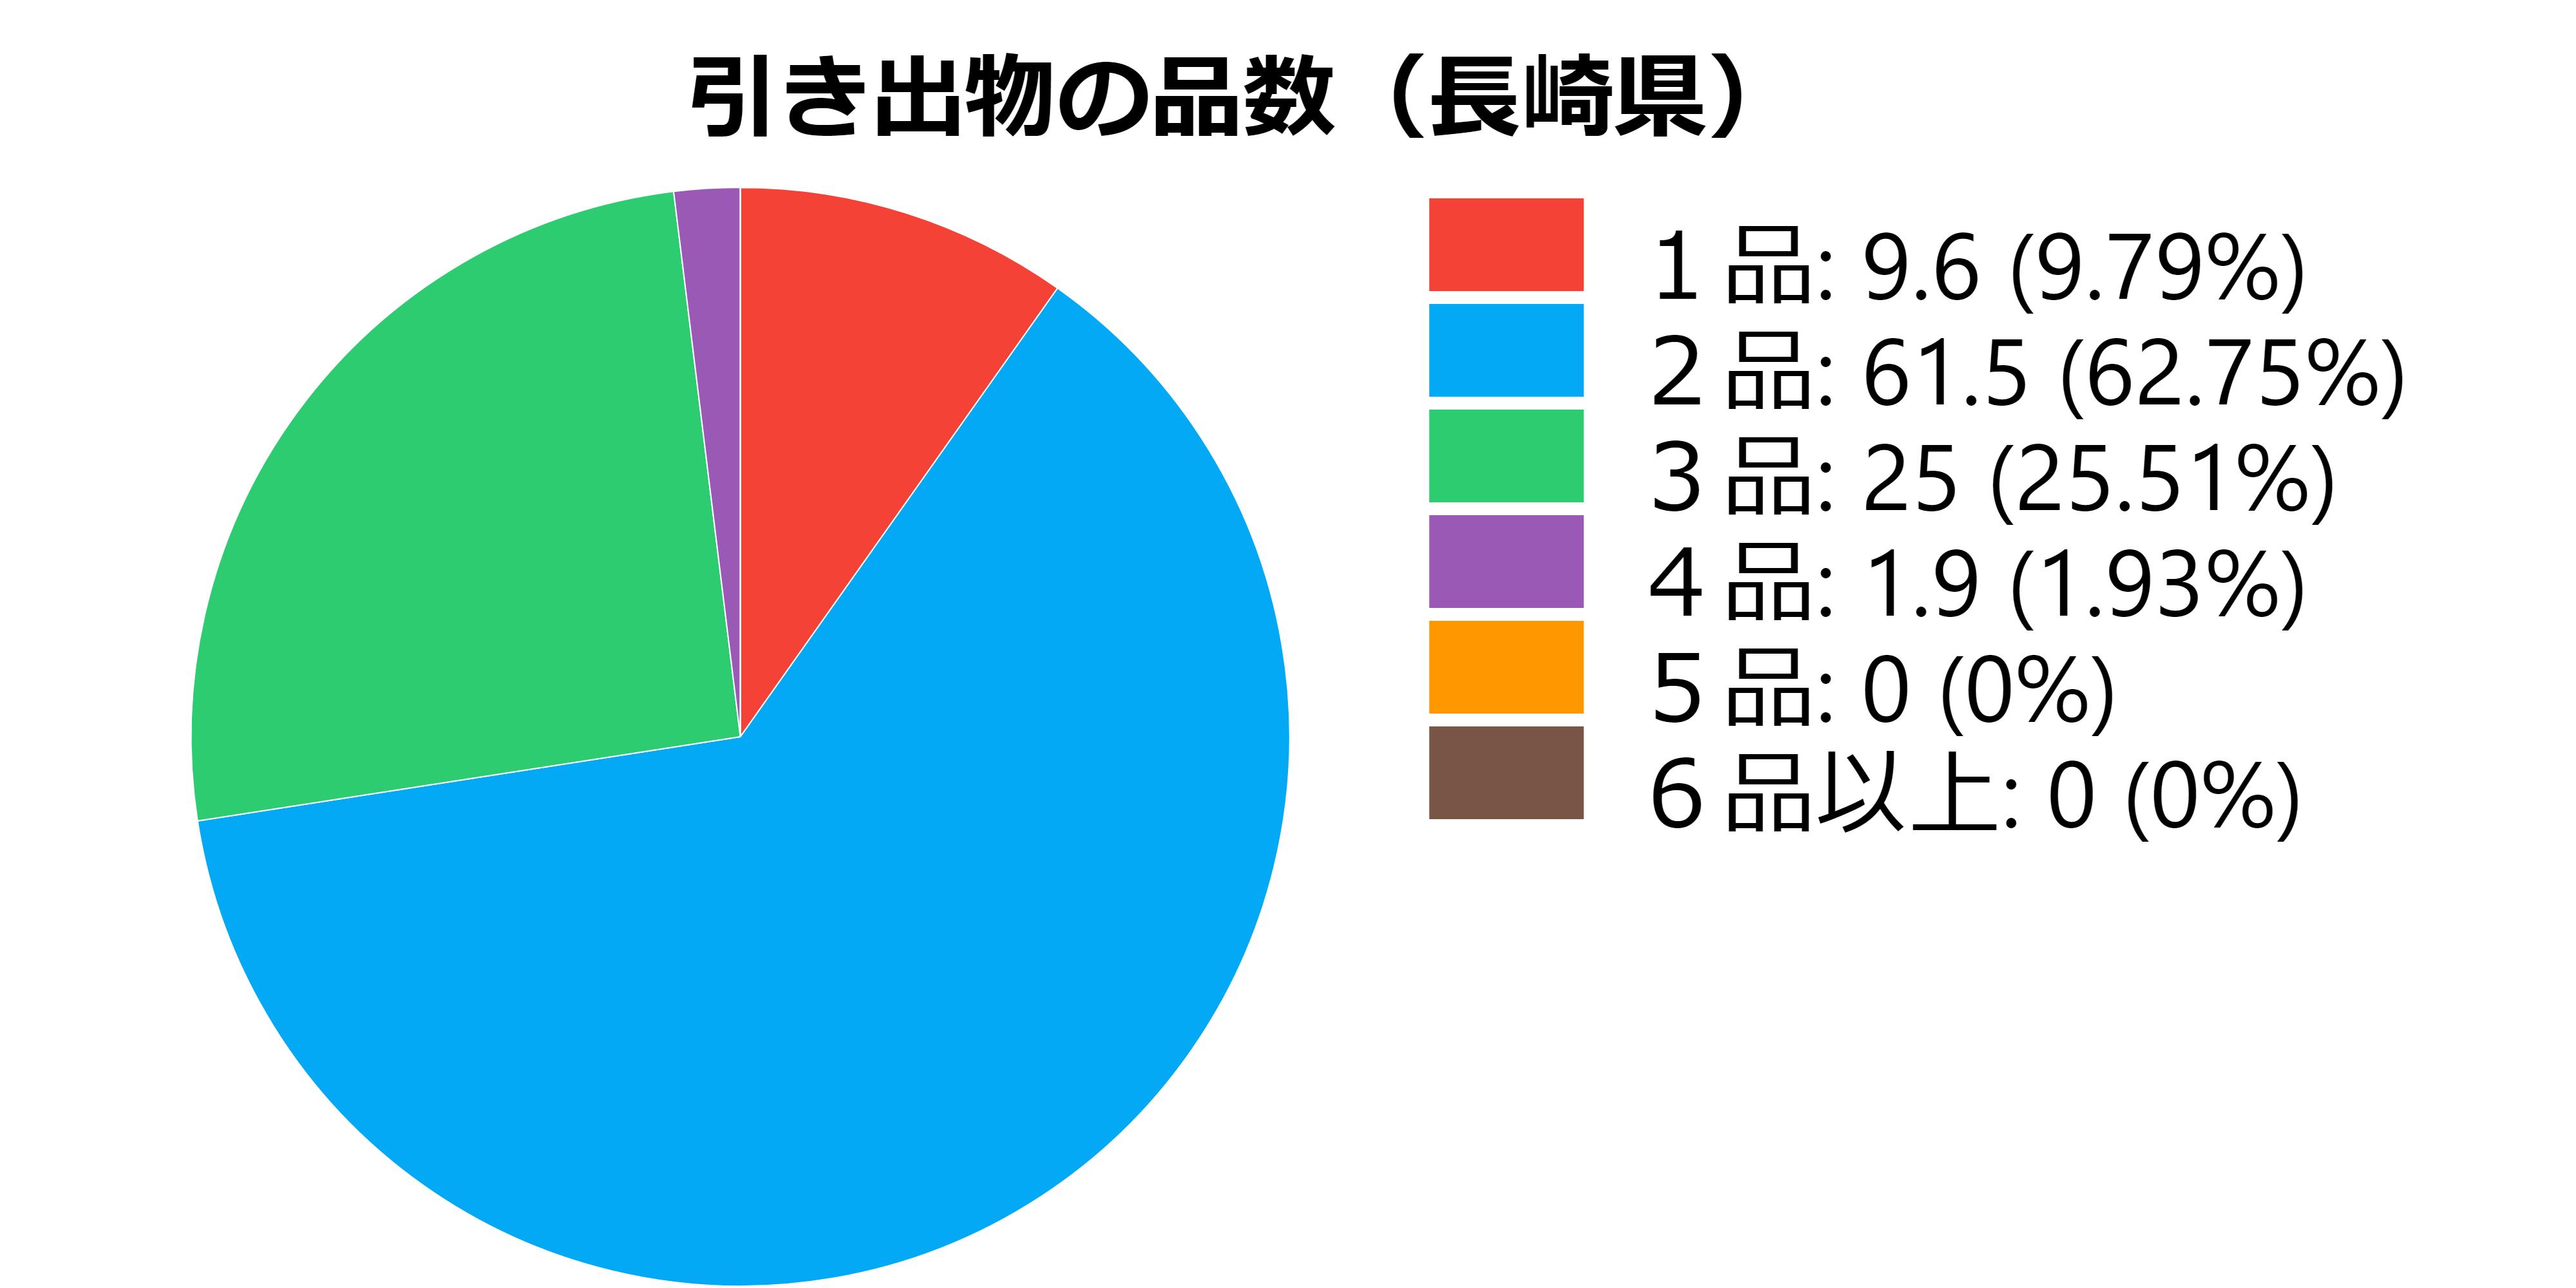 品数(長崎県)